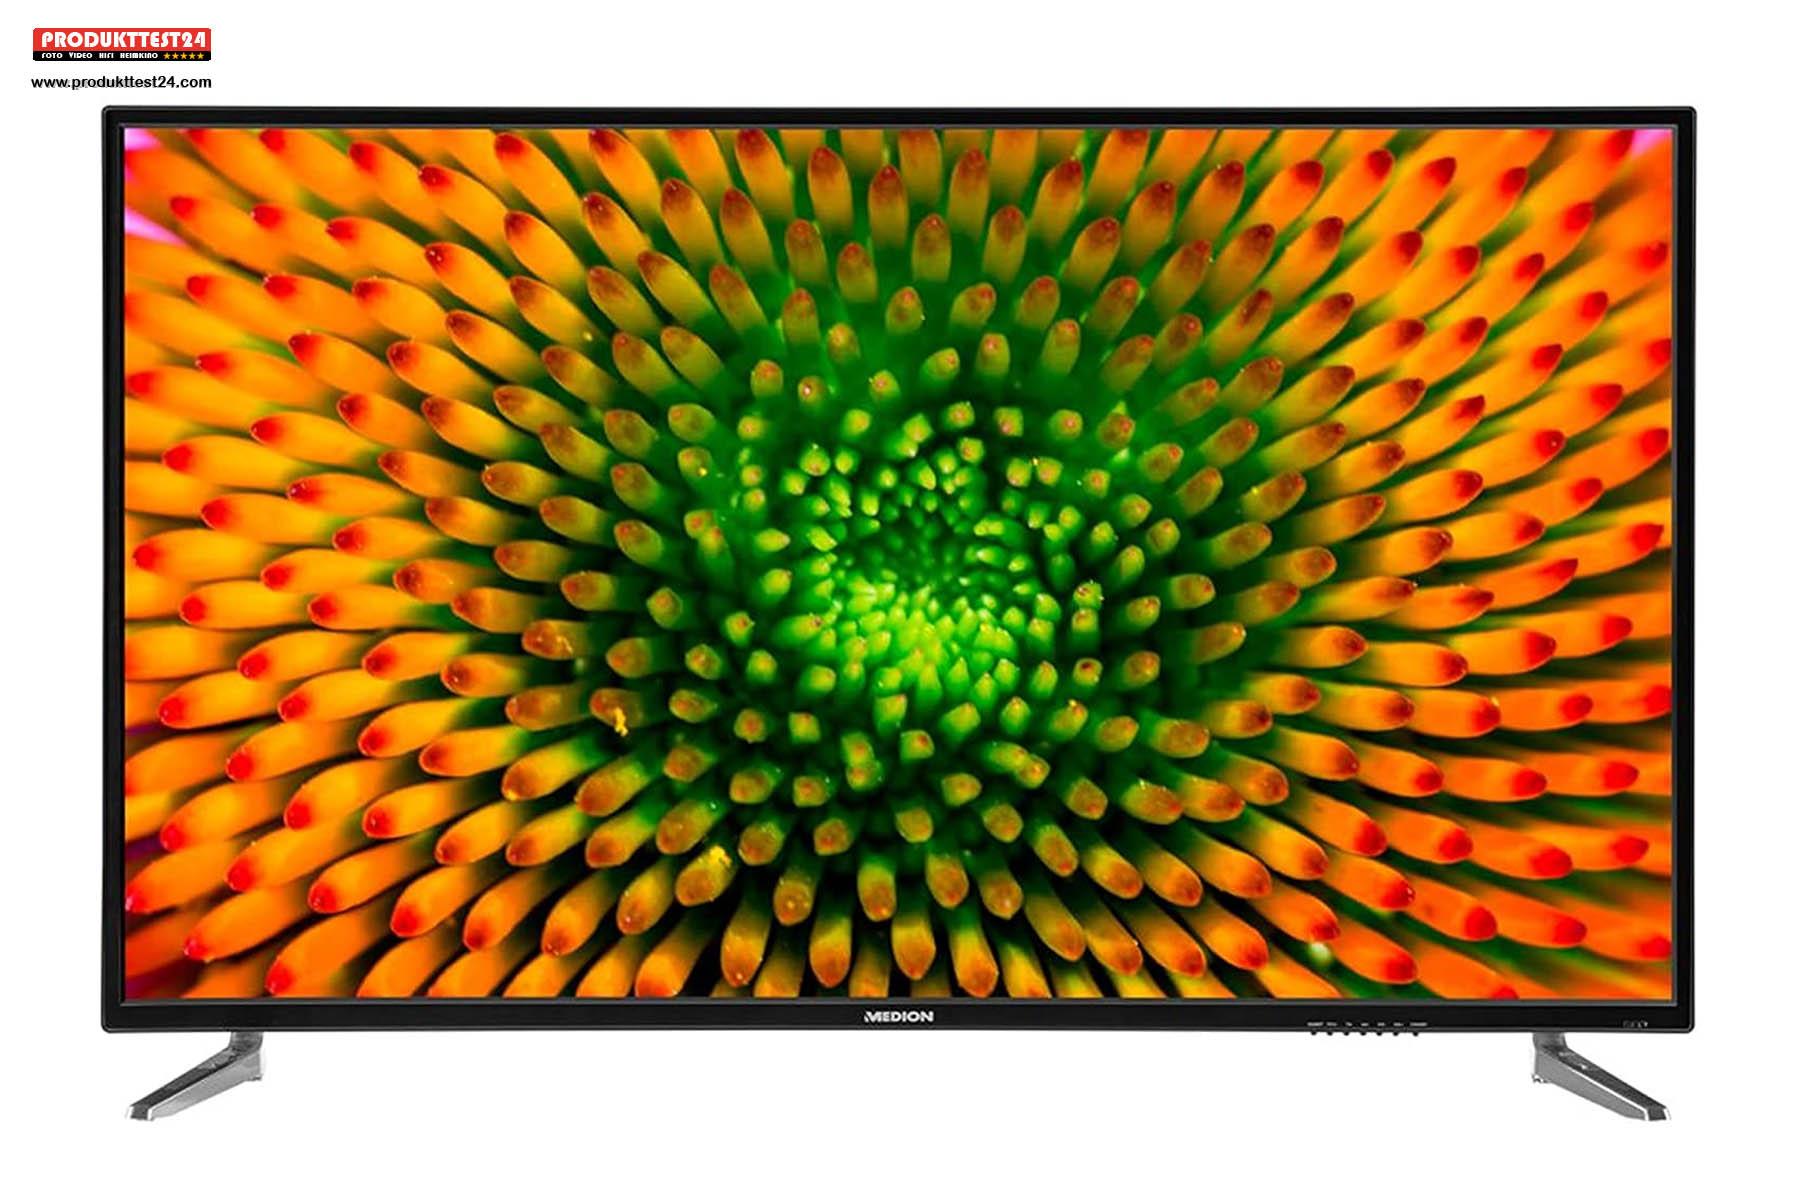 65 Zoll / 164 cm Bilddiagonal mit UHD 4K-Auflösung und HDR